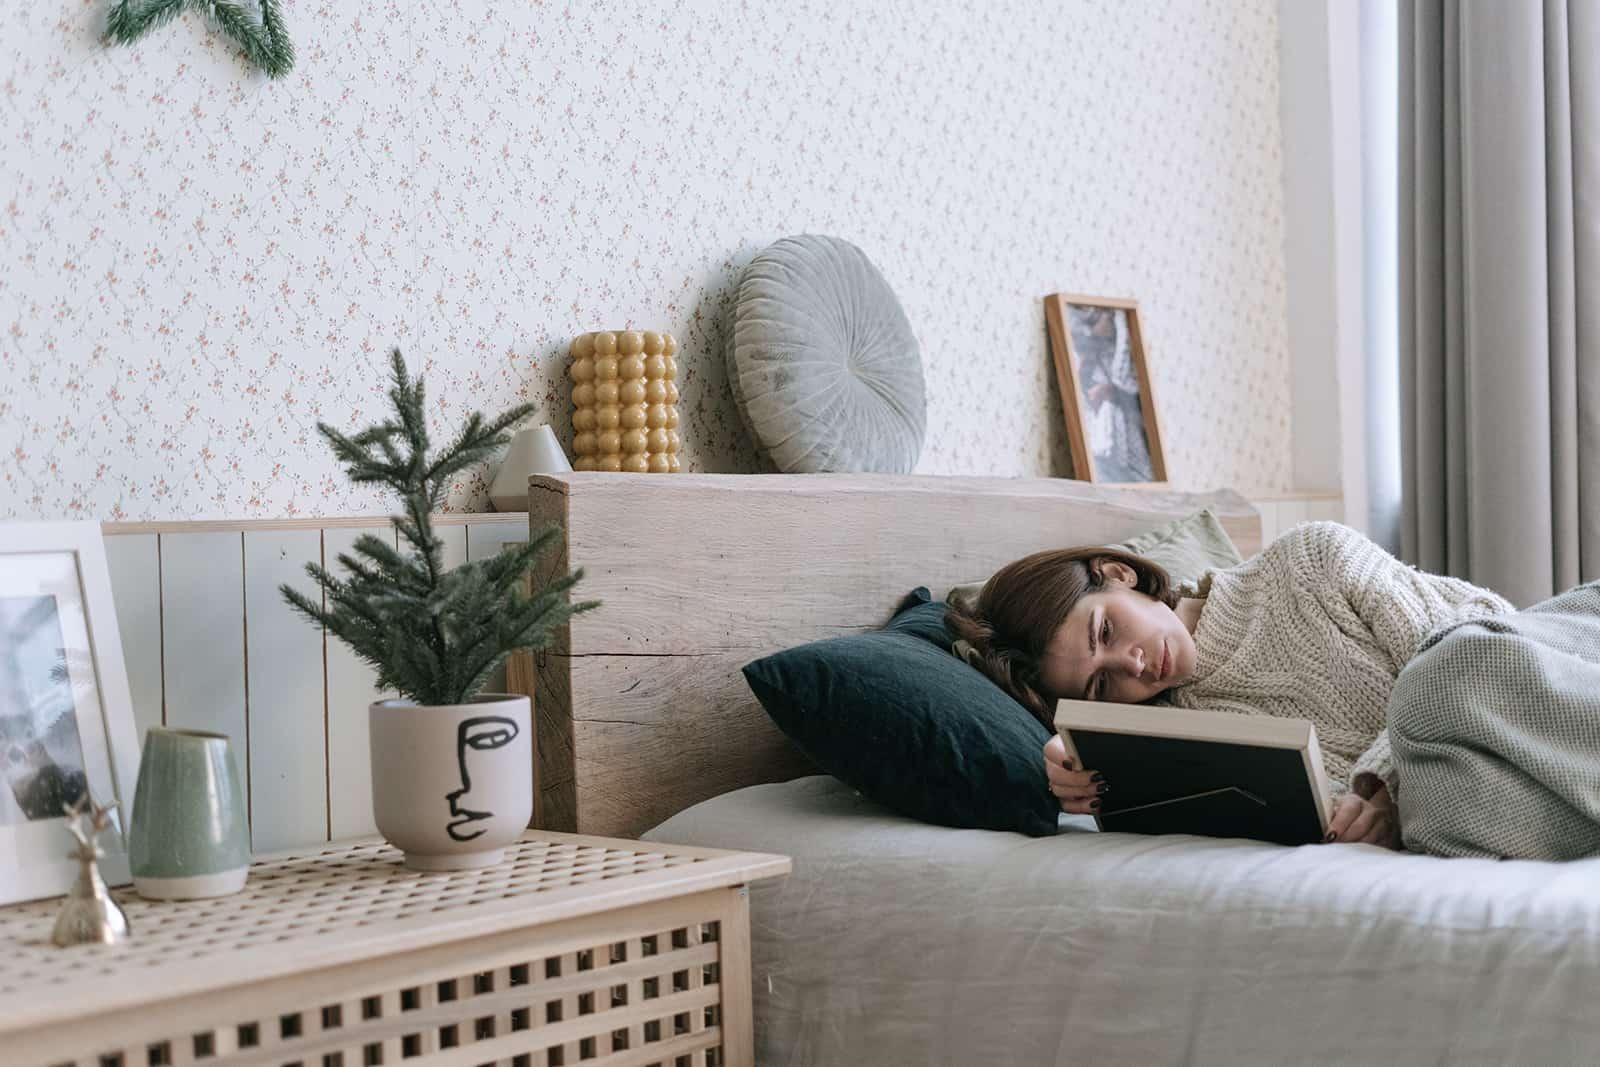 Une femme triste regardant la photographie en position couchée dans le lit